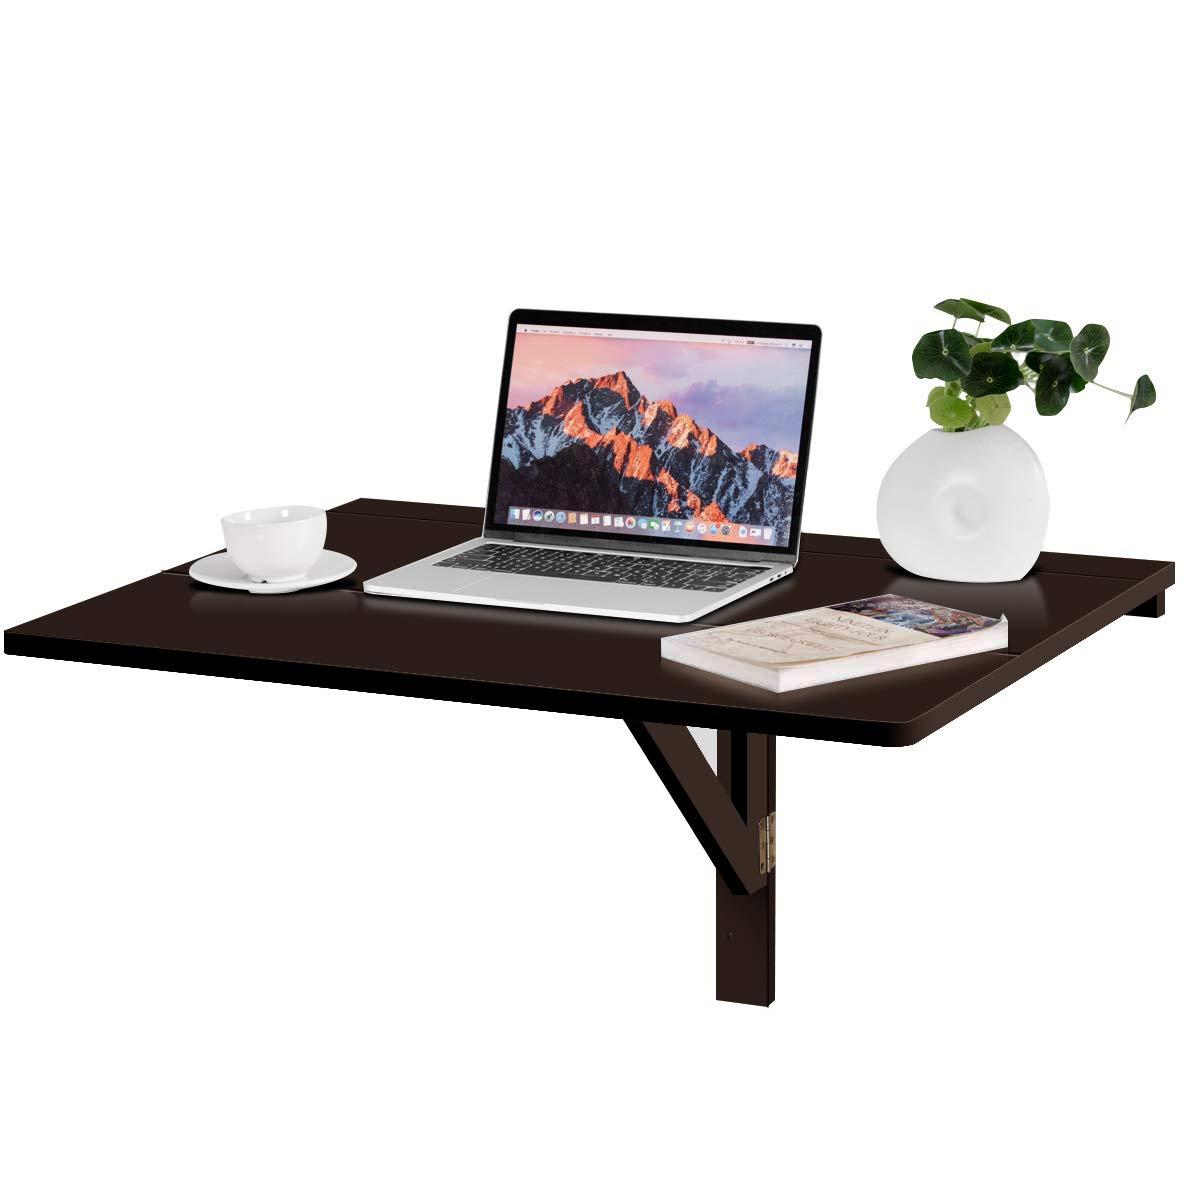 COSTWAY Wandtisch klappbar, Wandklapptisch weiß, 80x60cm, Klapptisch aus Holz (Braun) 1